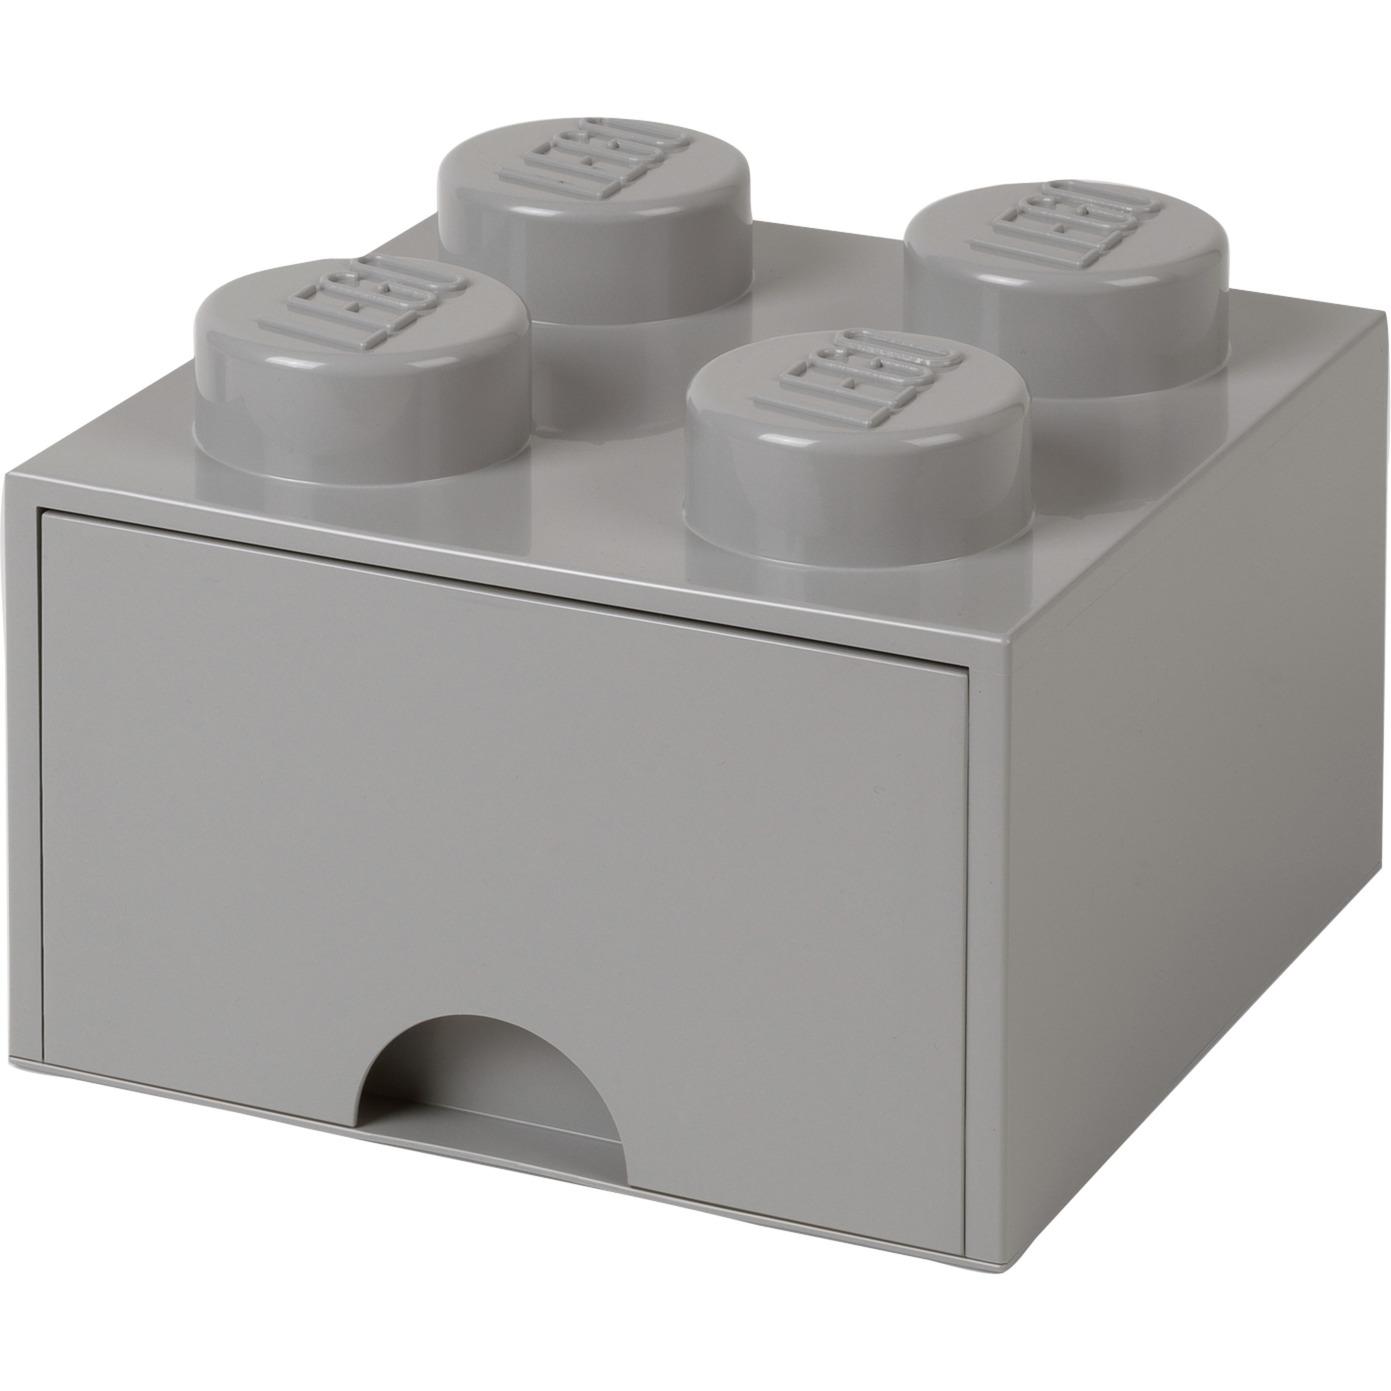 Ladrillo de almacenamiento LEGO (4 espigas) - 1 cajón - Gris